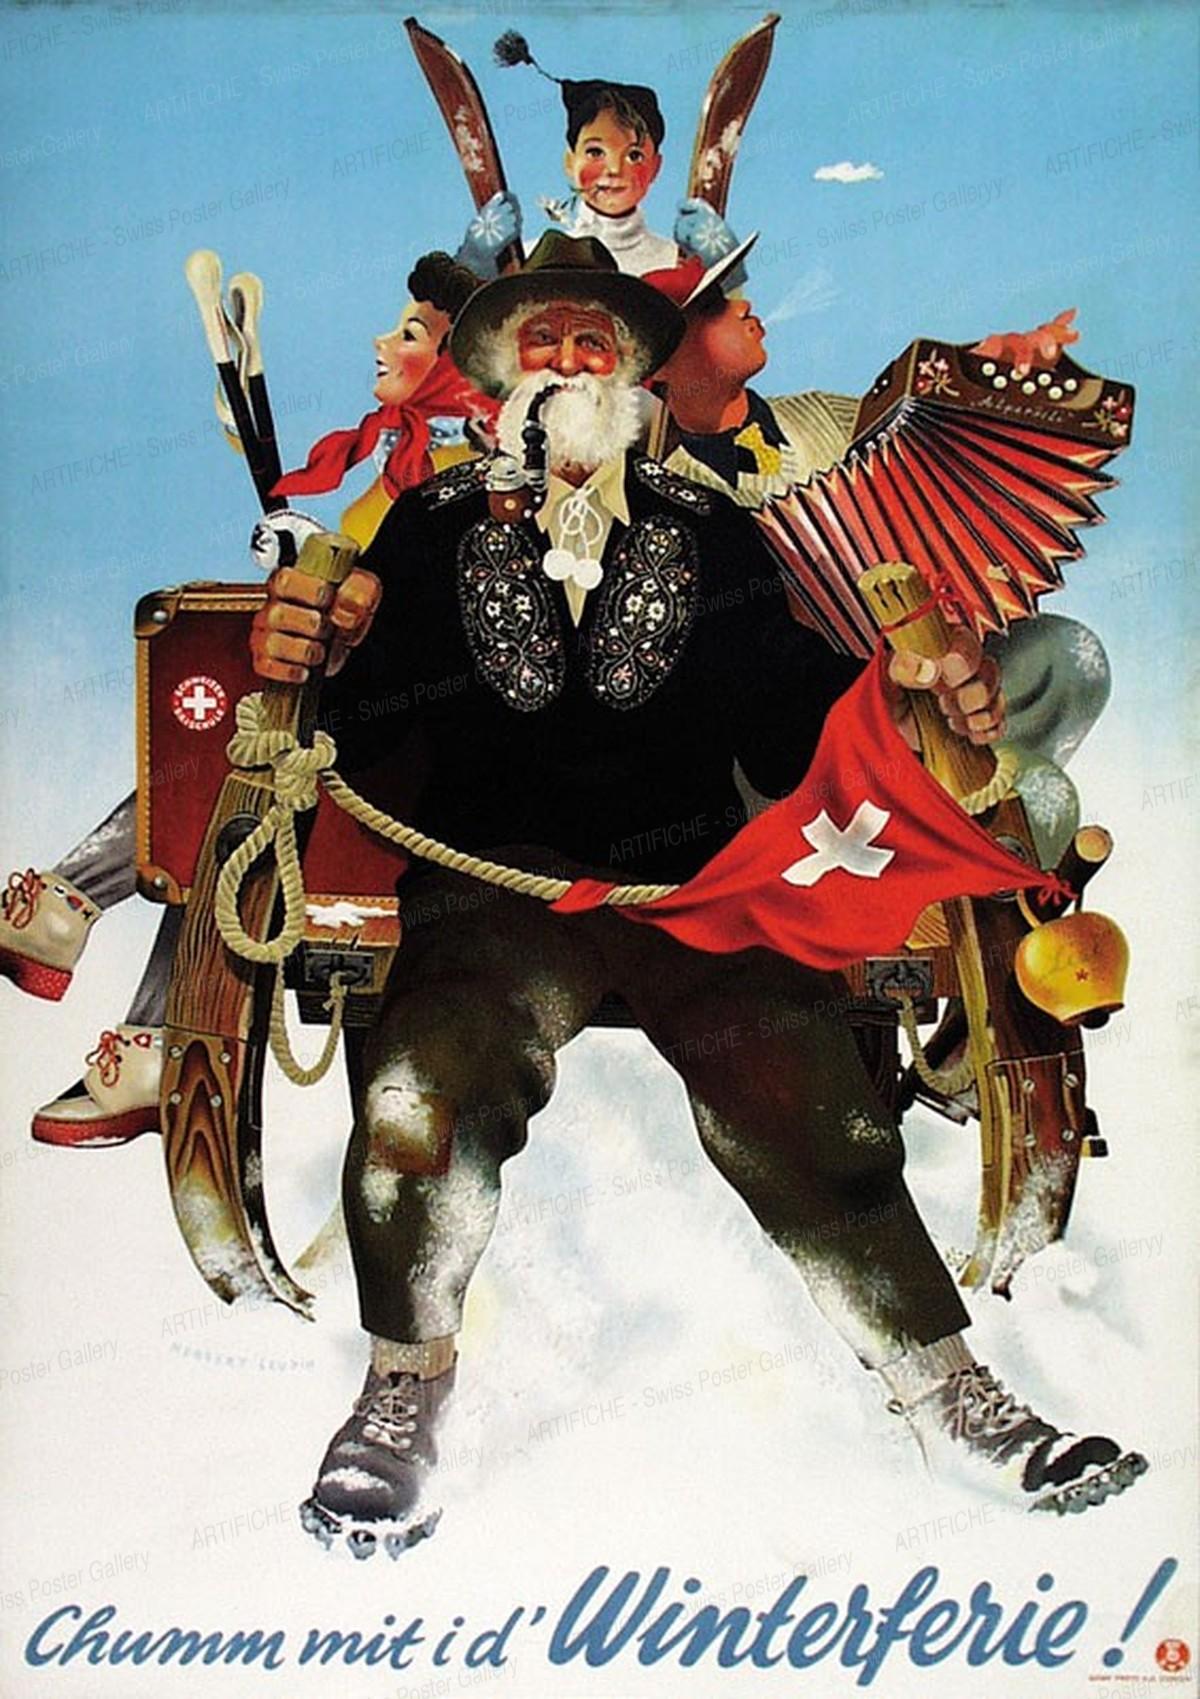 Chumm mit i d'Winterferie !, Herbert Leupin